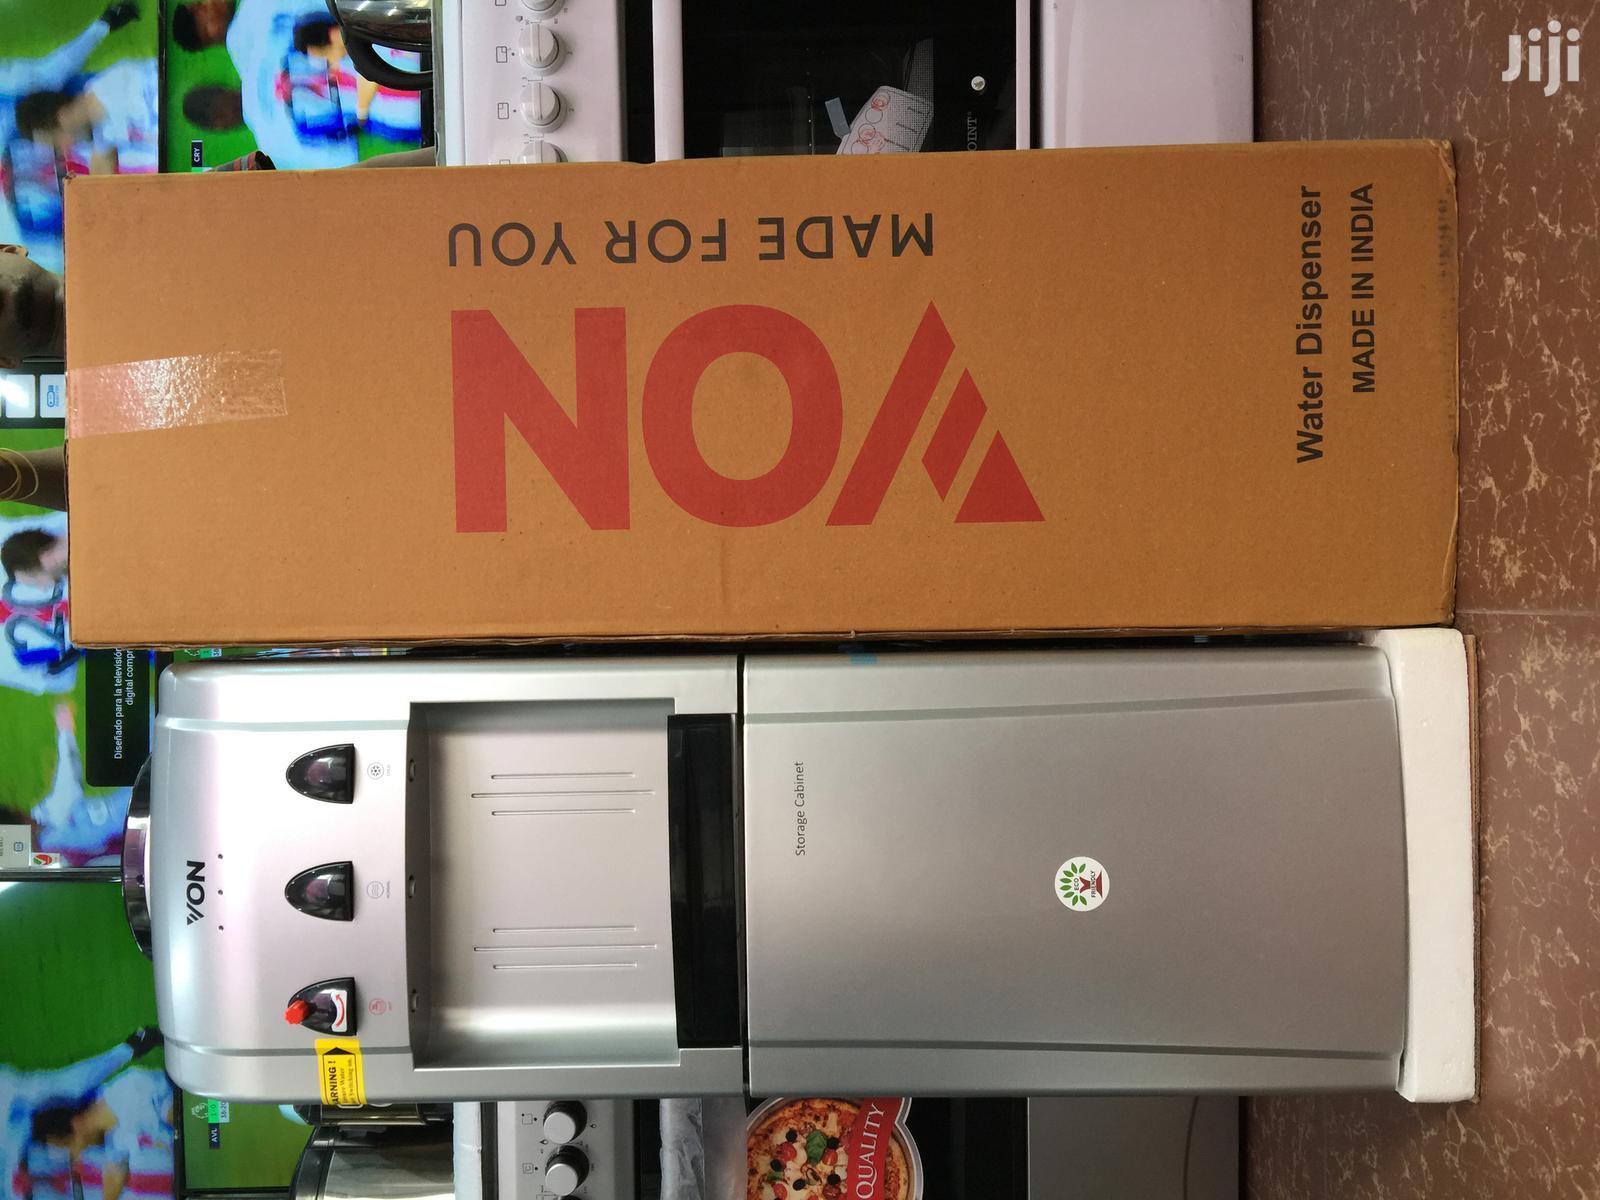 Von Water Dispenser | Kitchen Appliances for sale in Ilala, Dar es Salaam, Tanzania